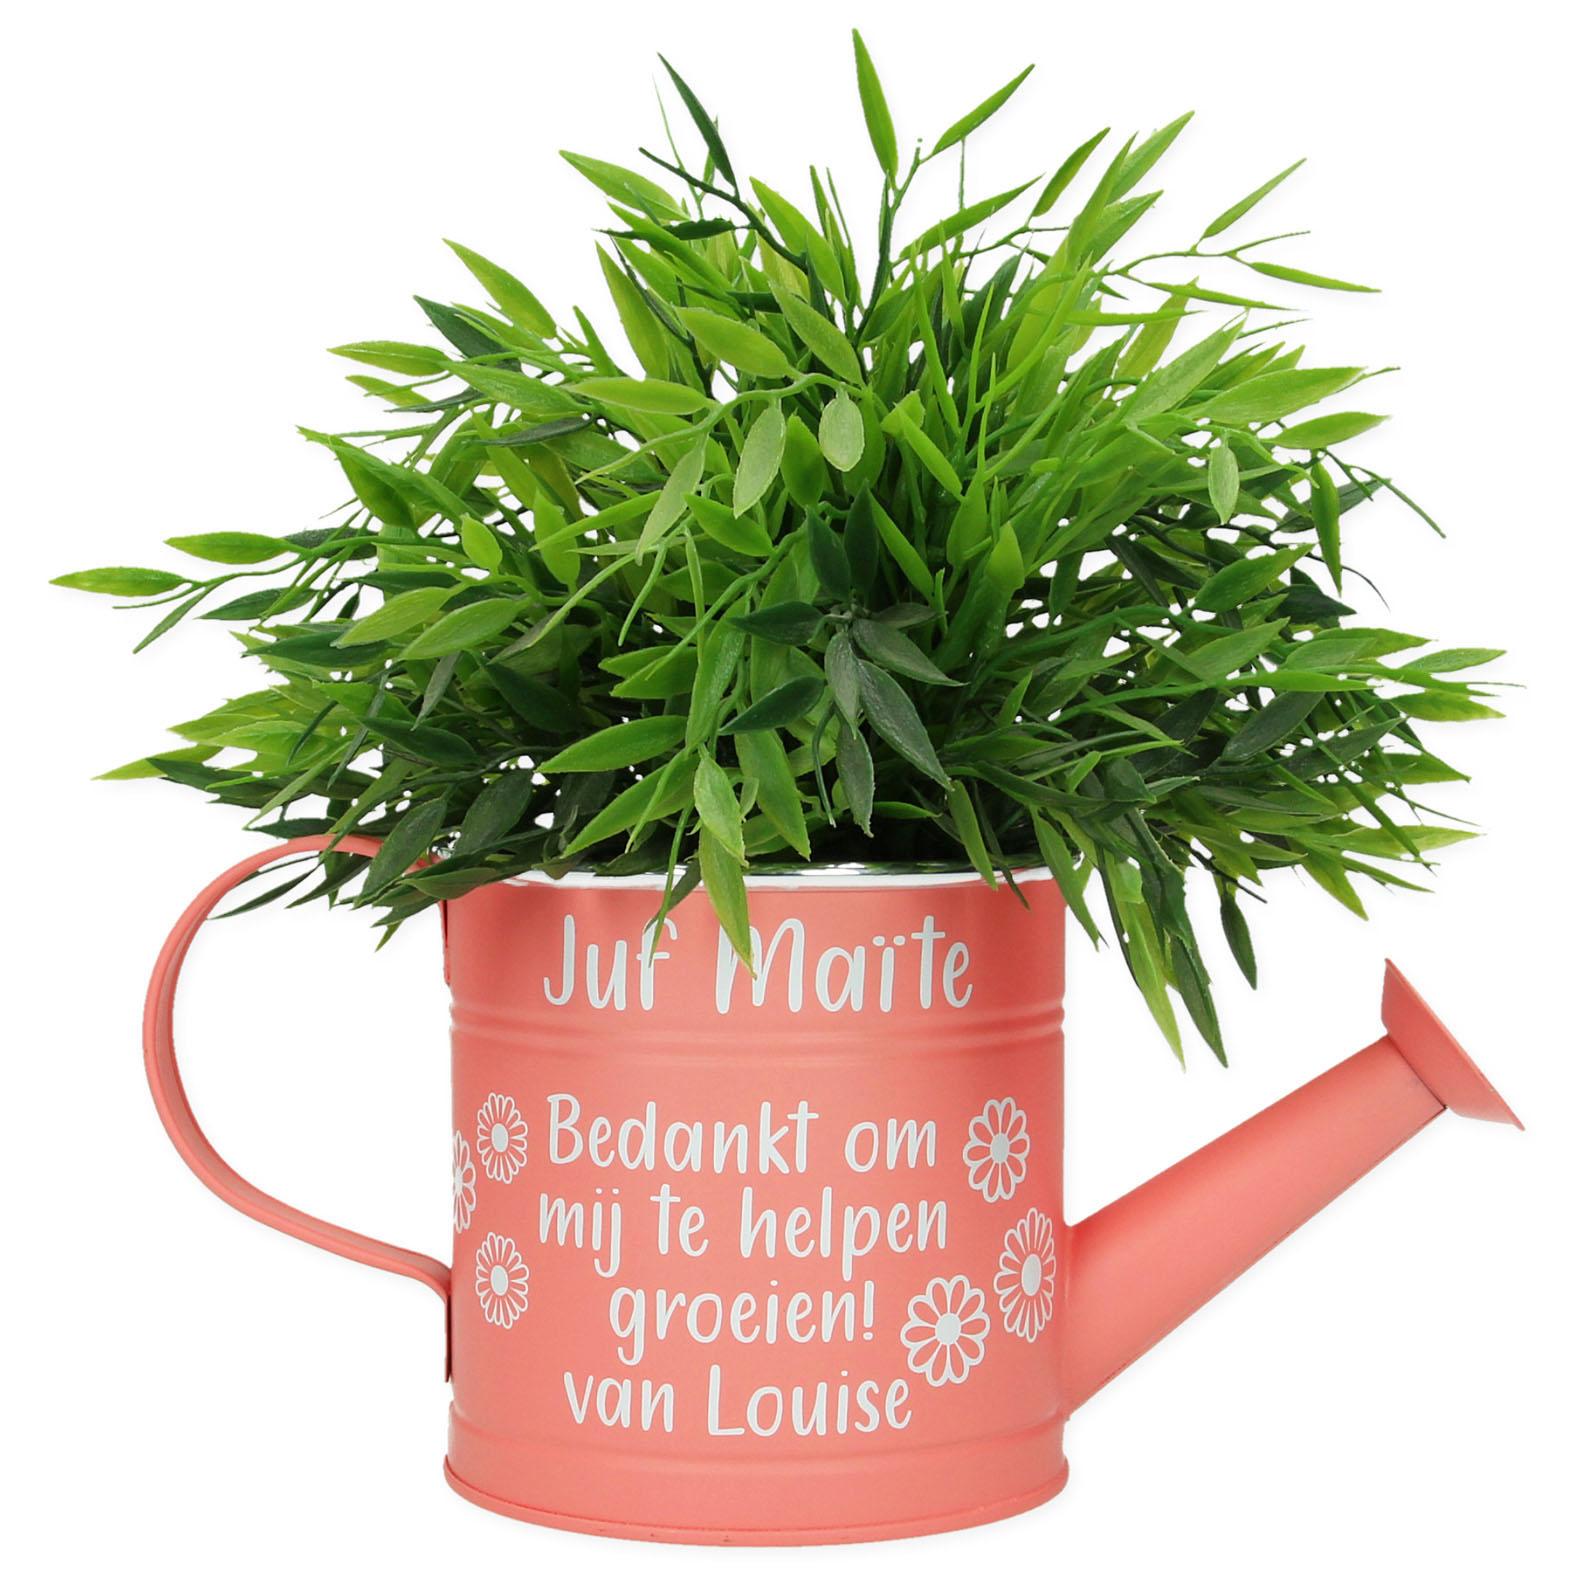 Gepersonaliseerde gieter - Bedankt om mij te helpen groeien